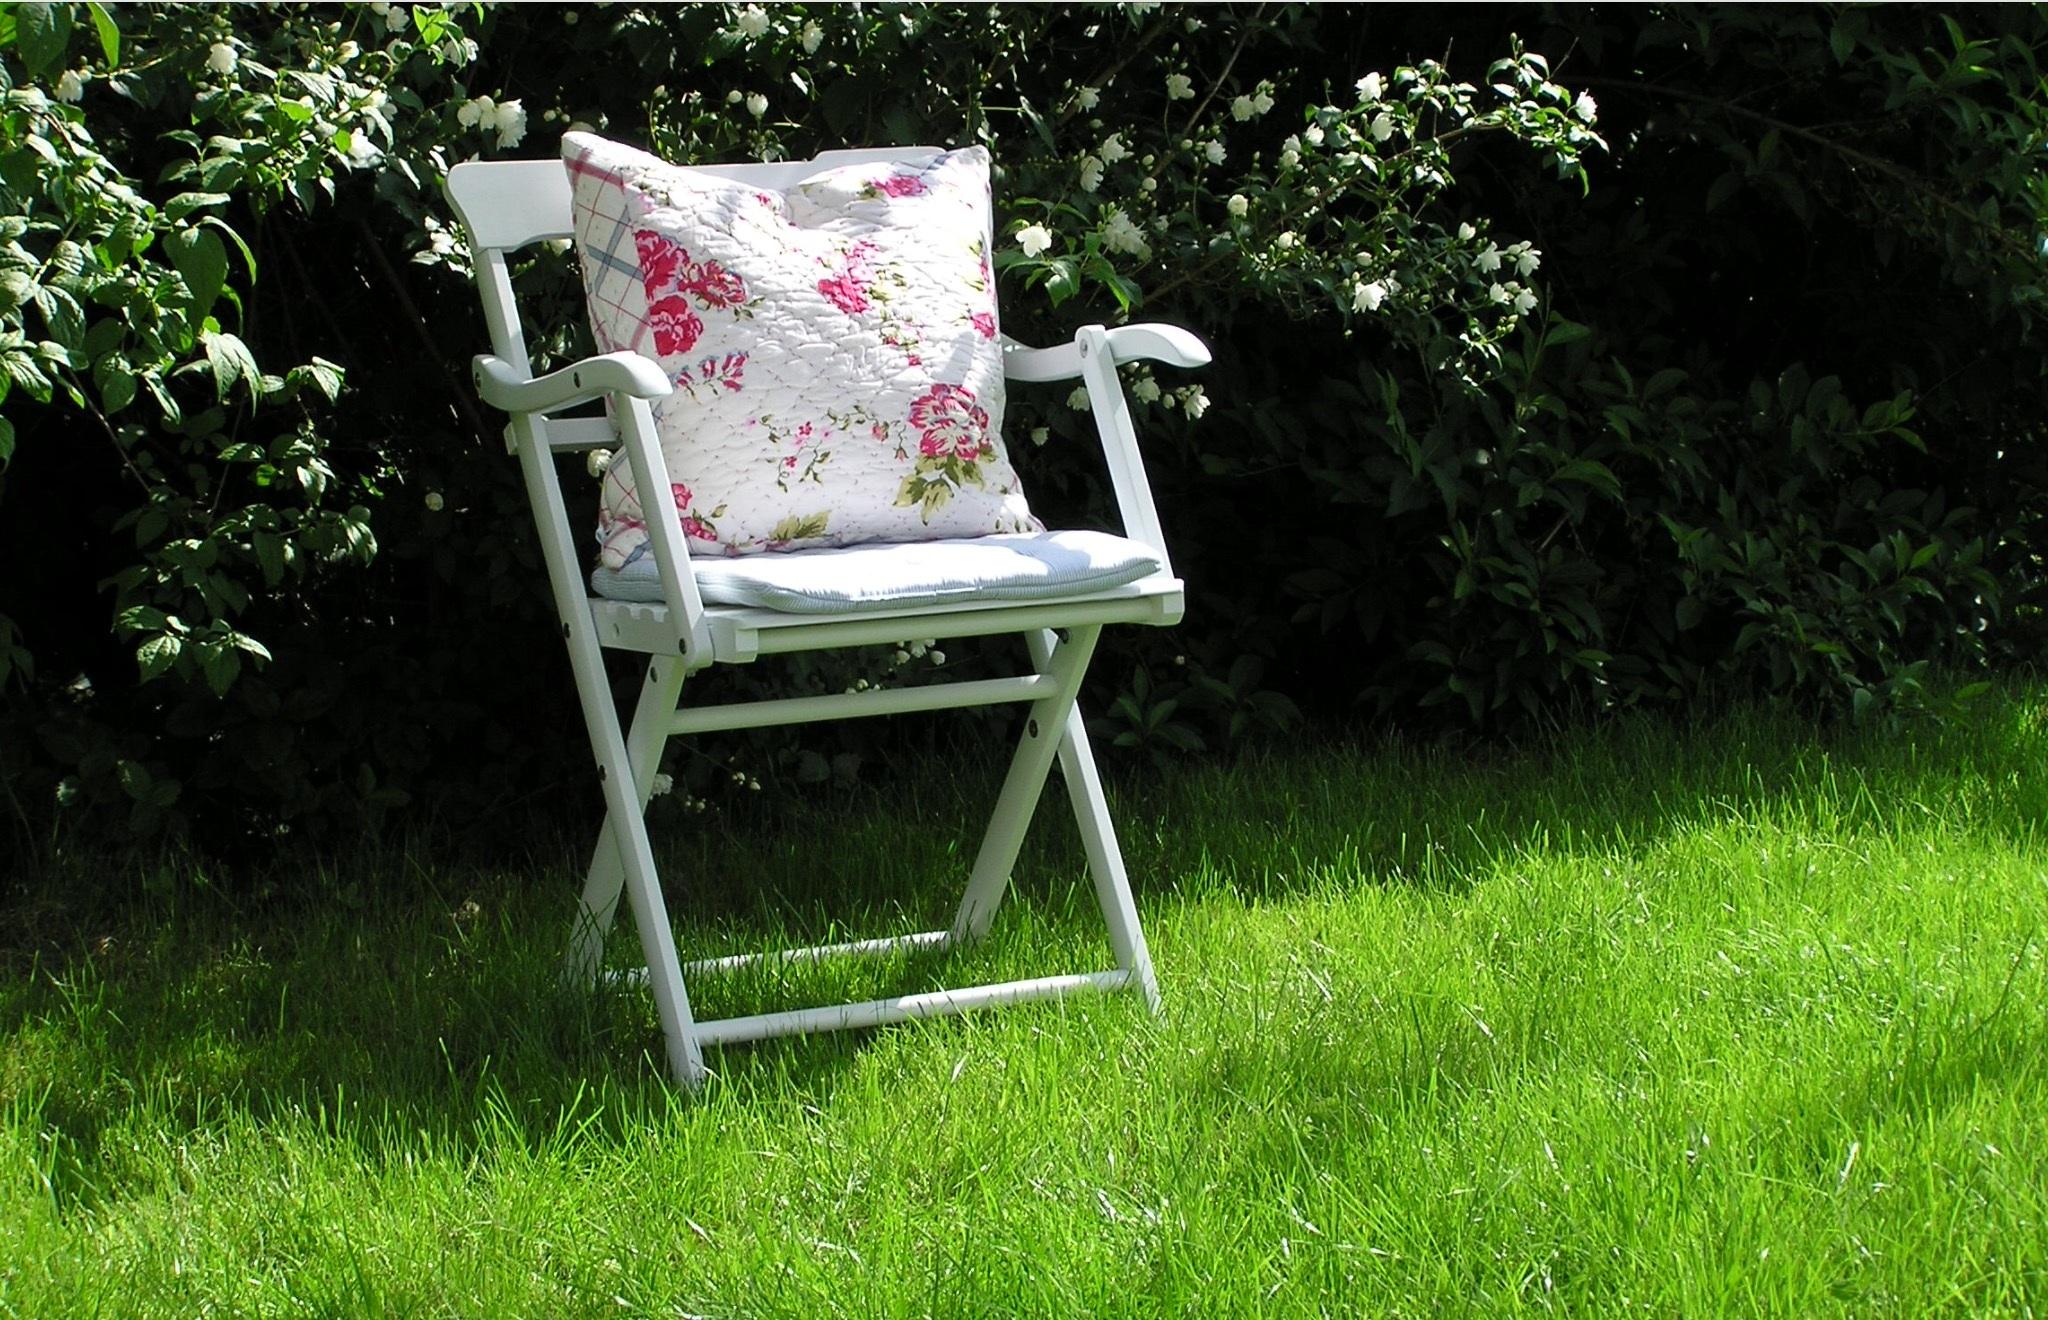 Fotos gratis : mesa, césped, flor, verde, sentado, patio interior ...